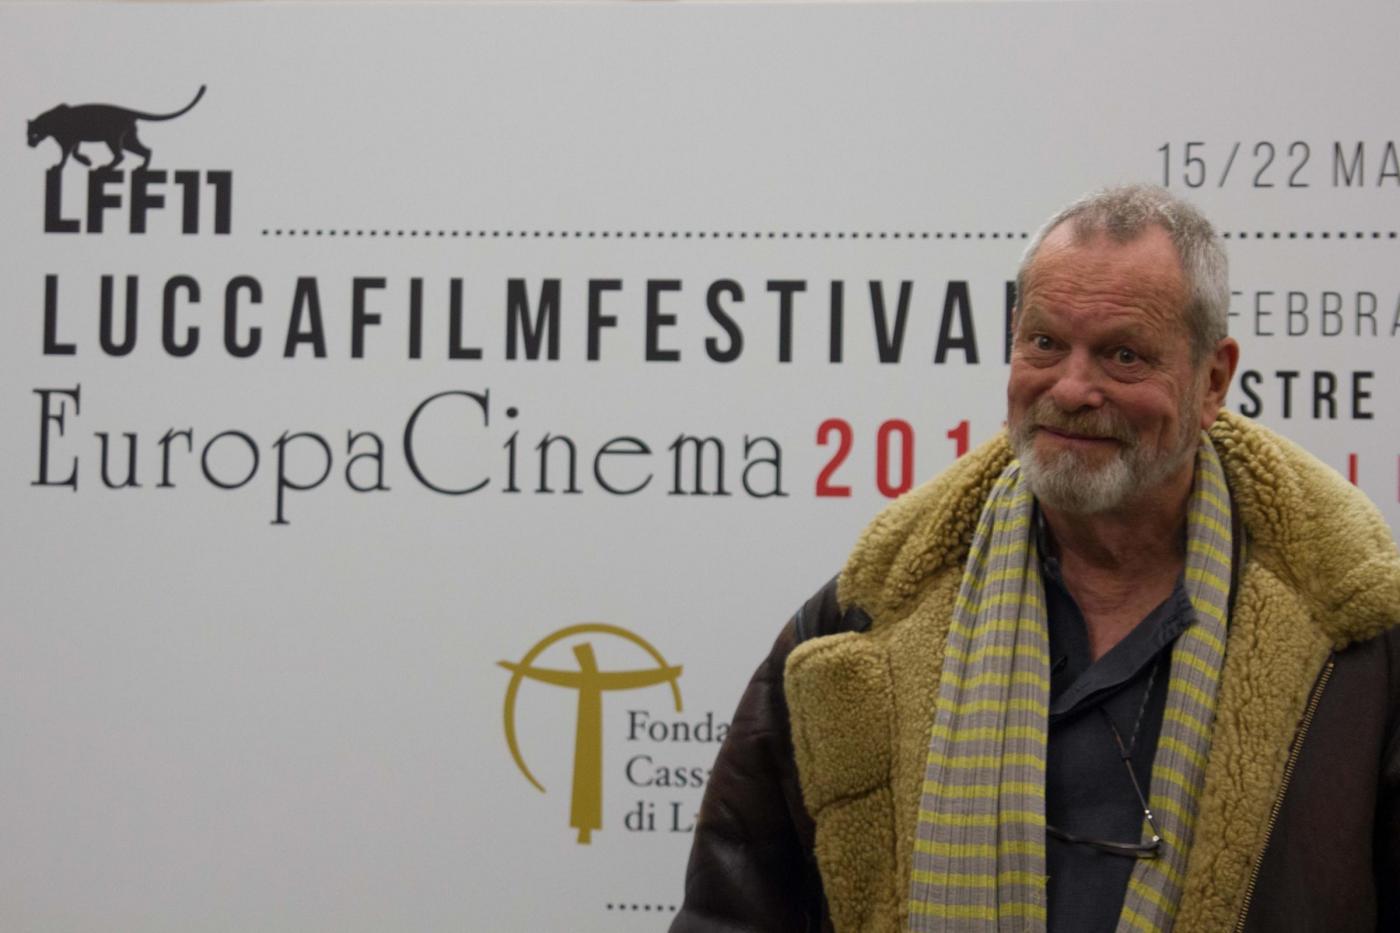 Lucca Film Festival 2015